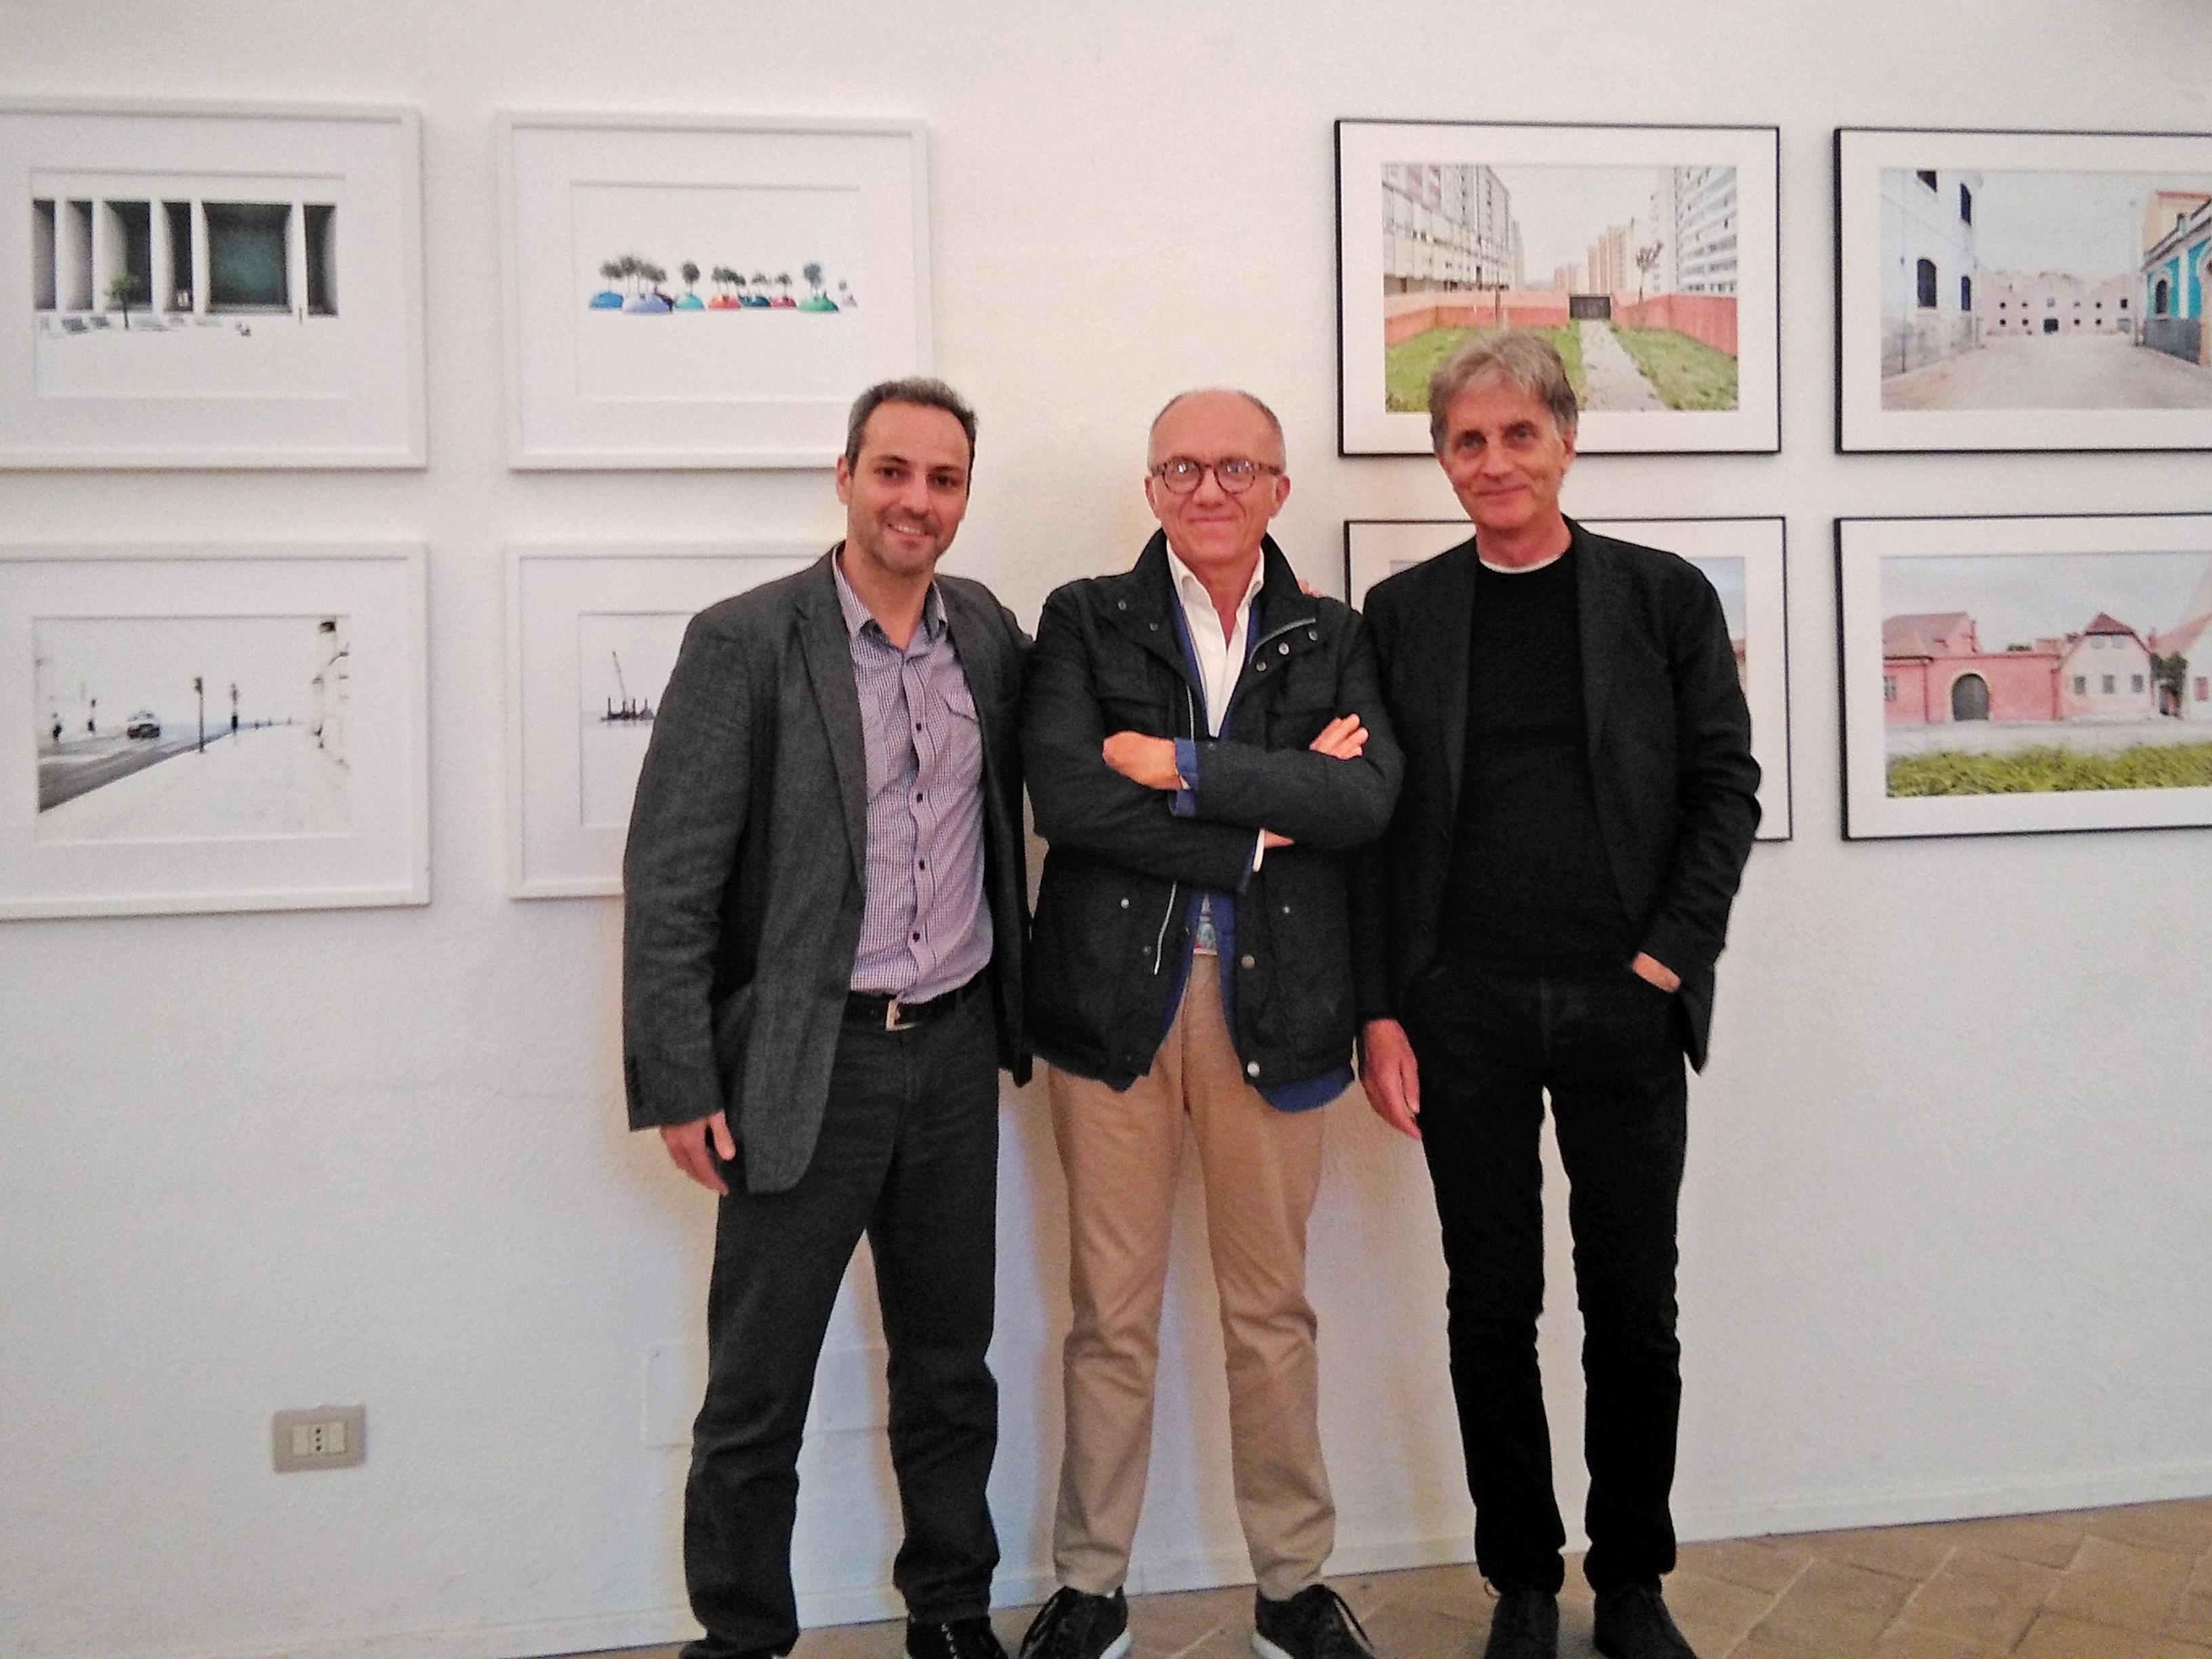 Foto di gruppo, inaugurazione